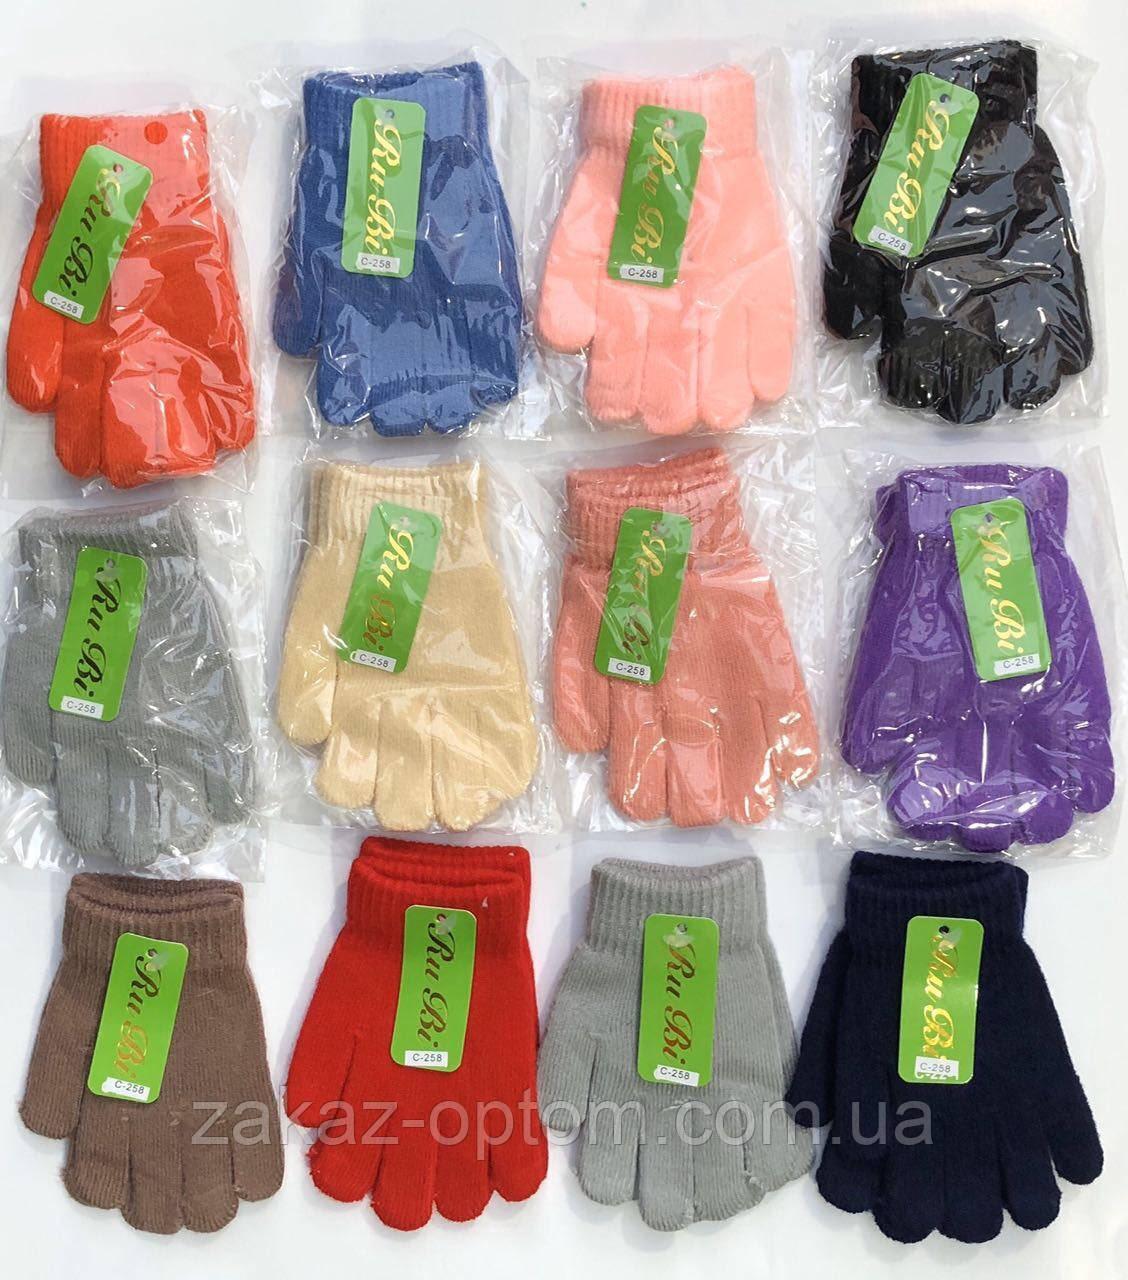 Перчатки детские оптом однотонные(3-5лет)Китай А308-63272